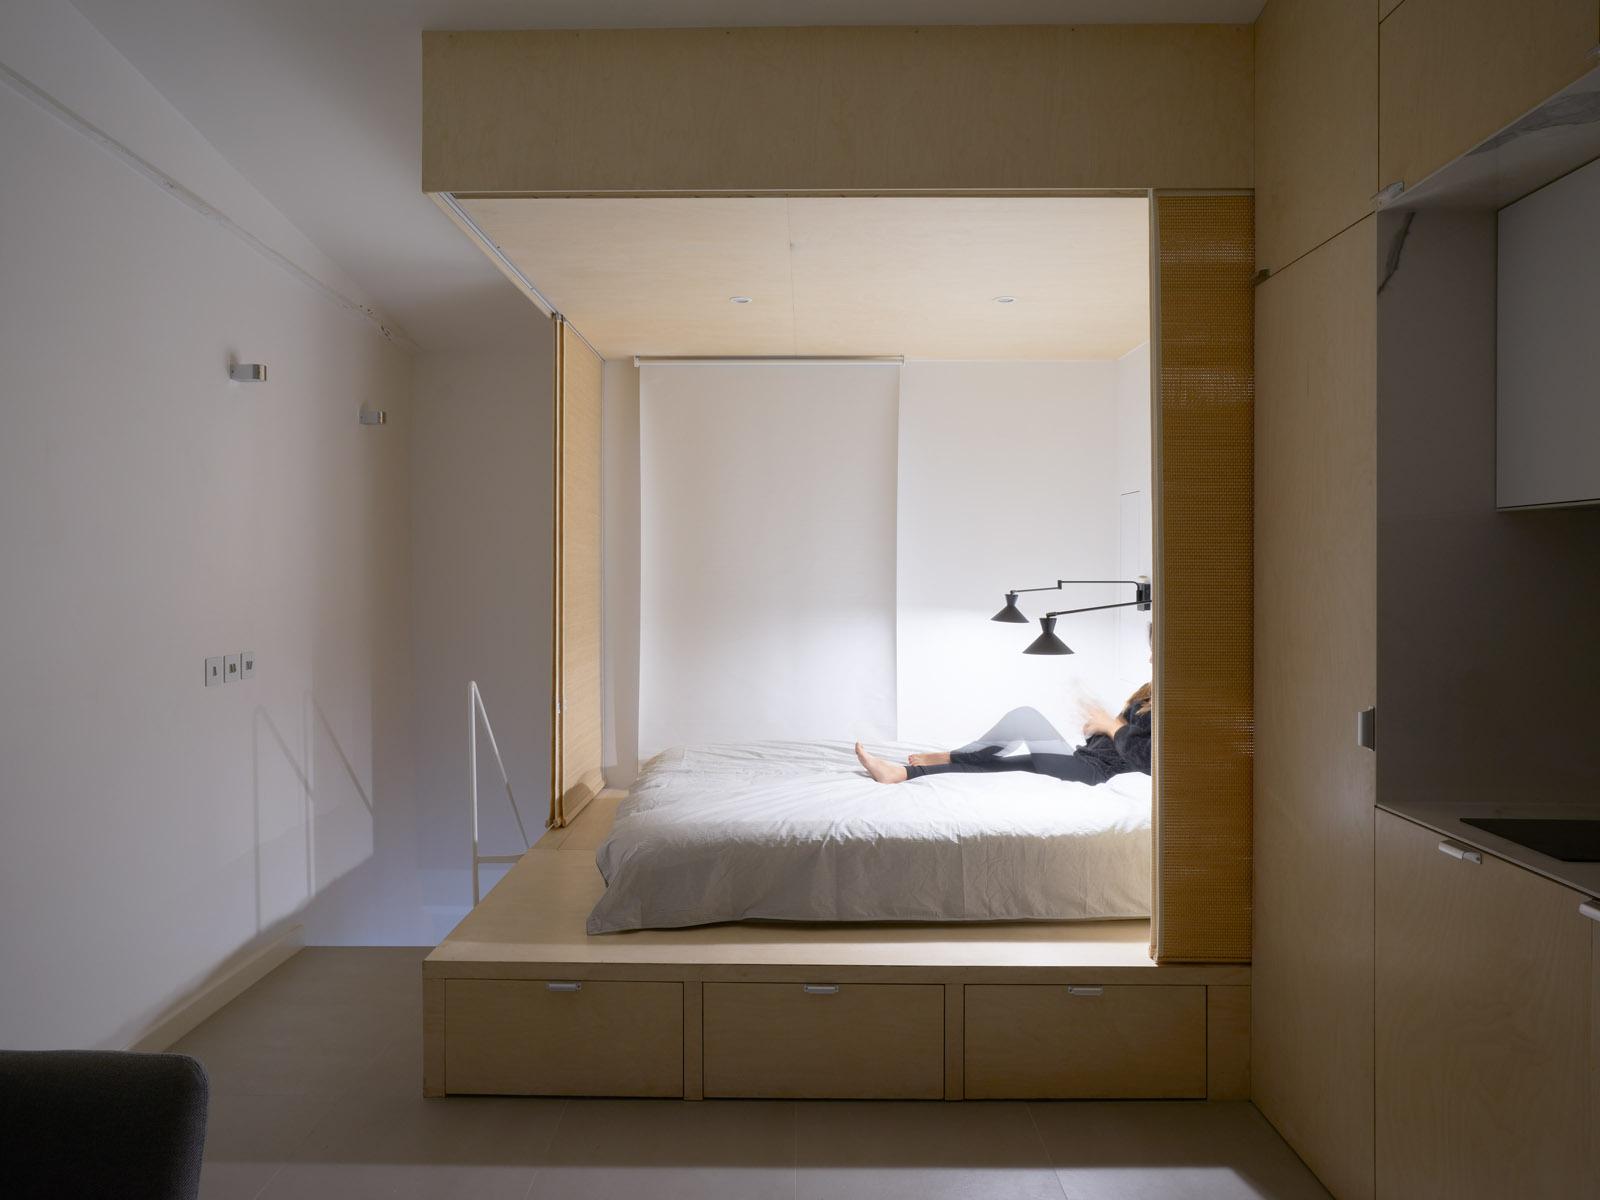 6_Nathalie Eldan Architecture _Urban Cocoon_Inspirationist